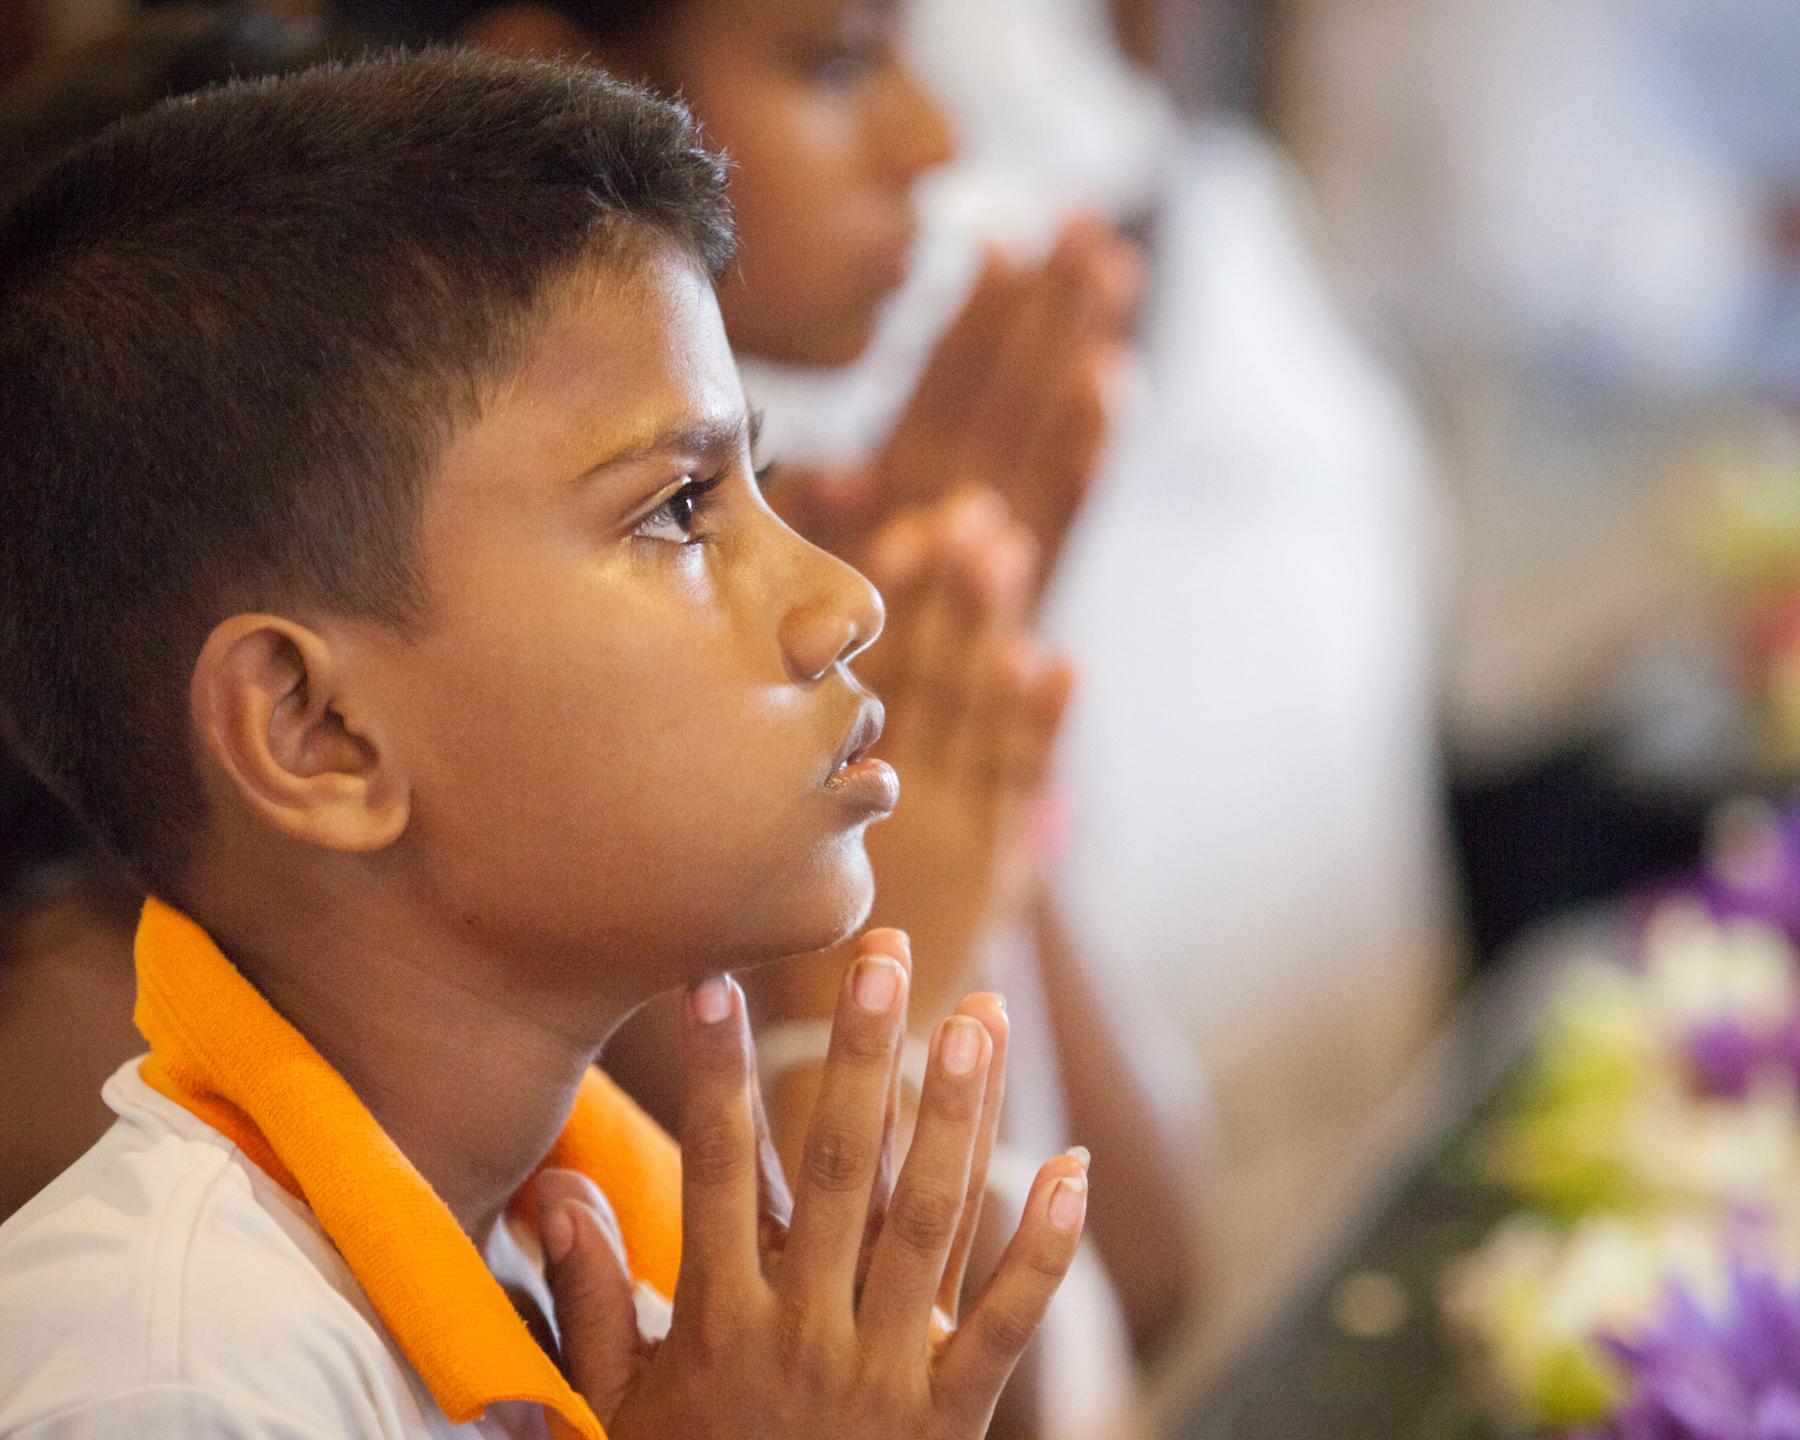 Indian child praying